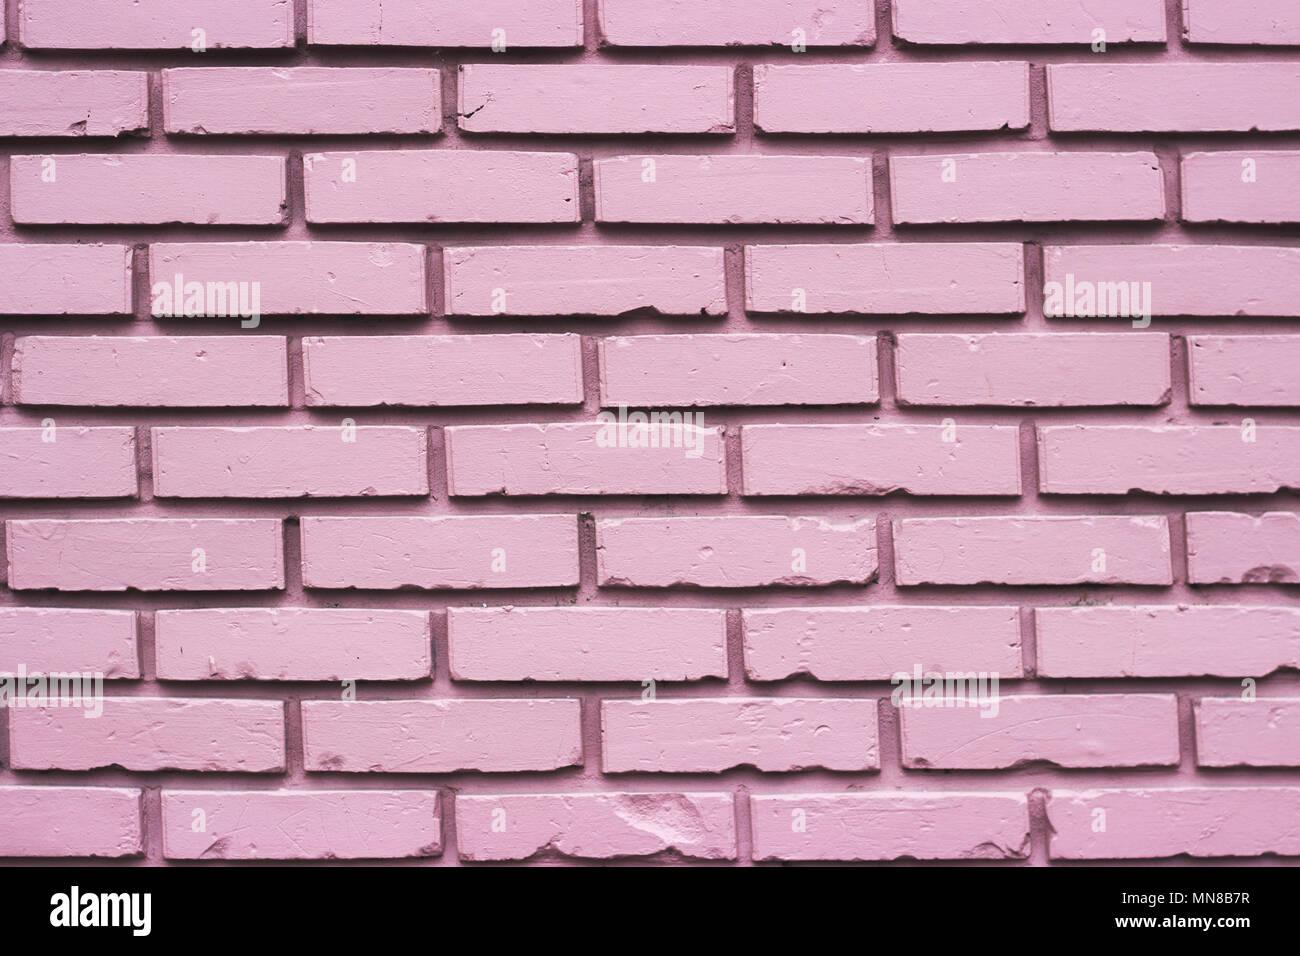 pink brick wall stock